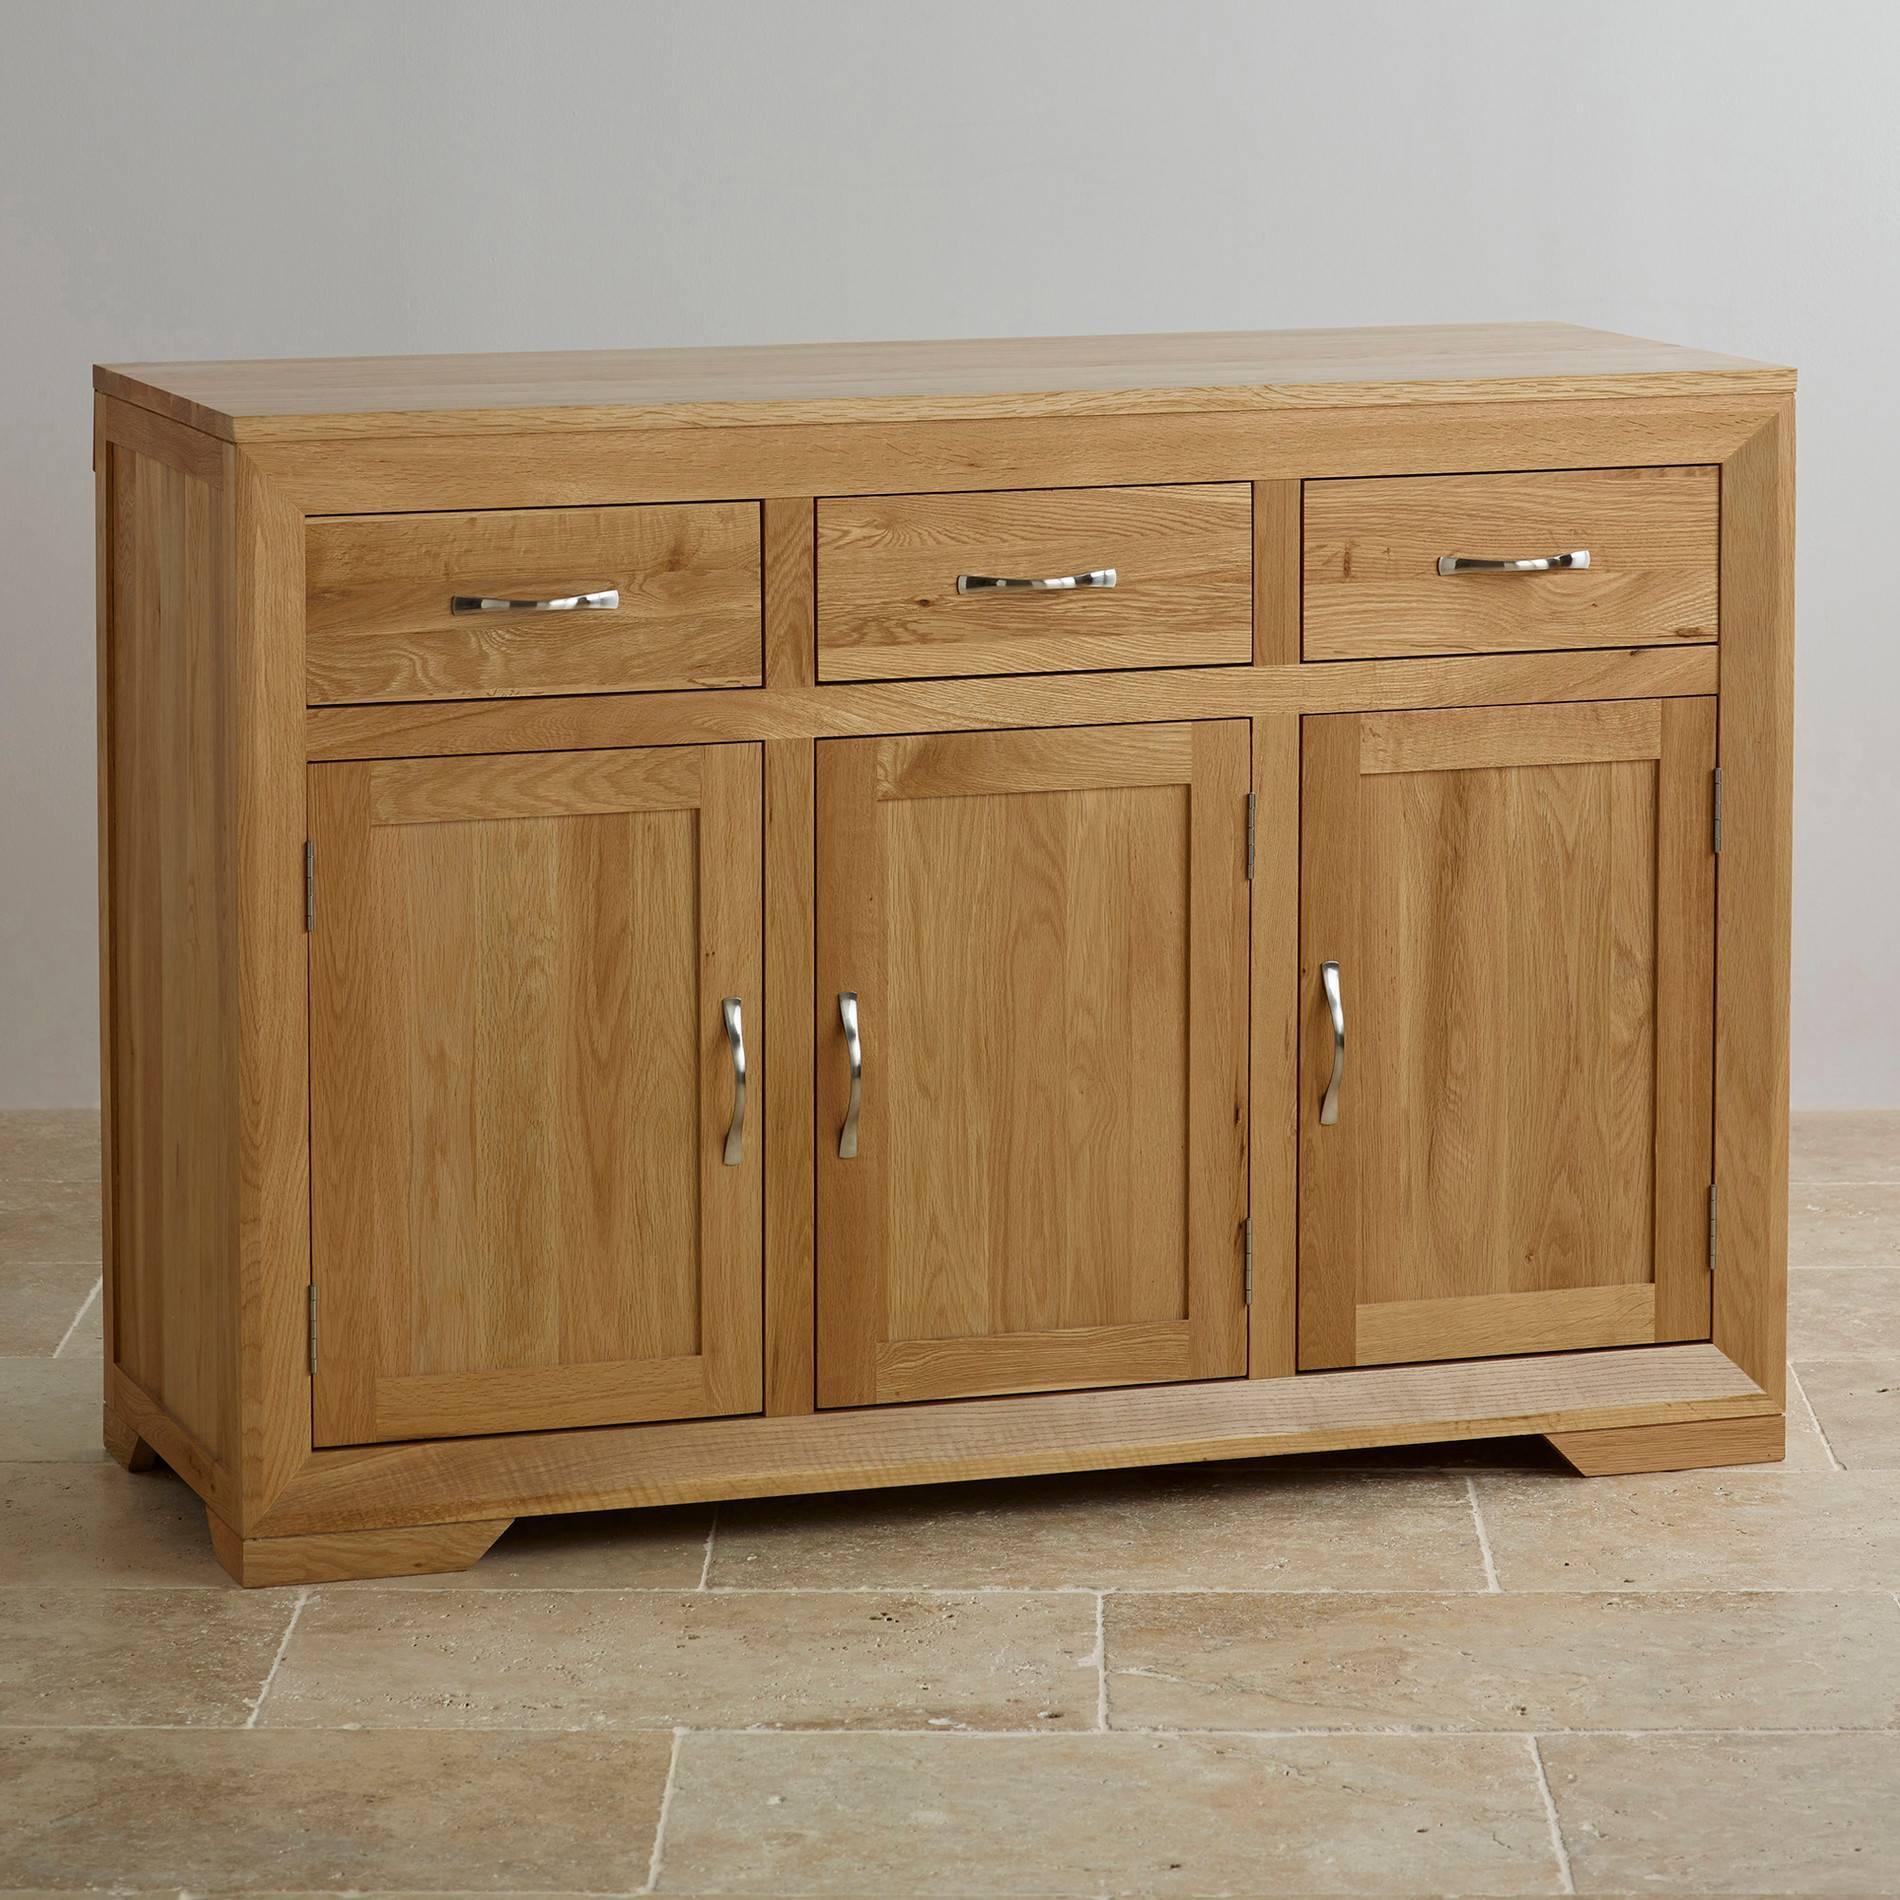 Sideboards | 100% Solid Hardwood | Oak Furniture Land In Slim Sideboards (#16 of 20)